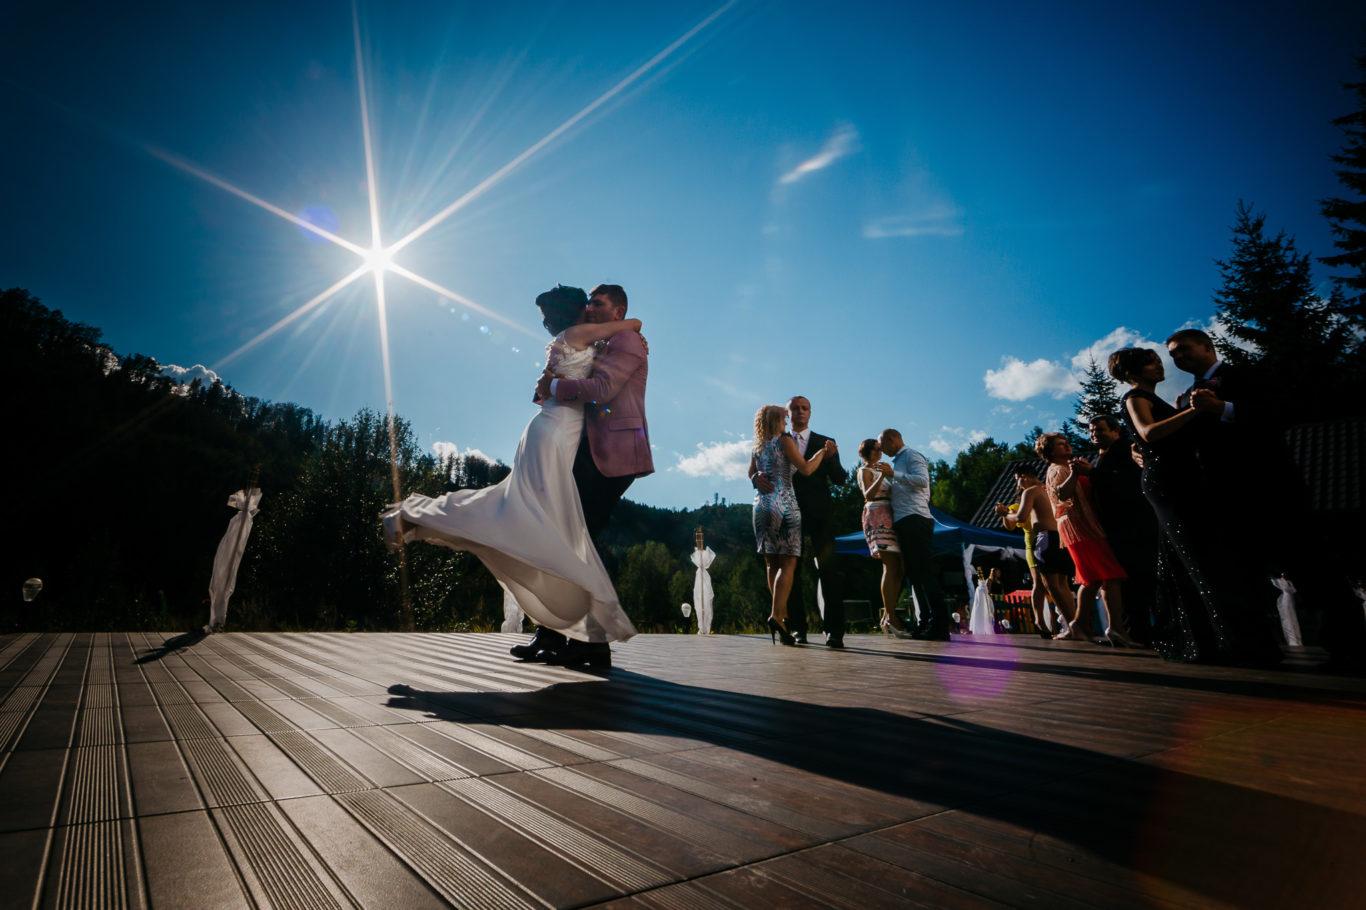 0319-fotografie-nunta-valea-de-pesti-vero-dani-fotograf-ciprian-dumitrescu-cd2_0812